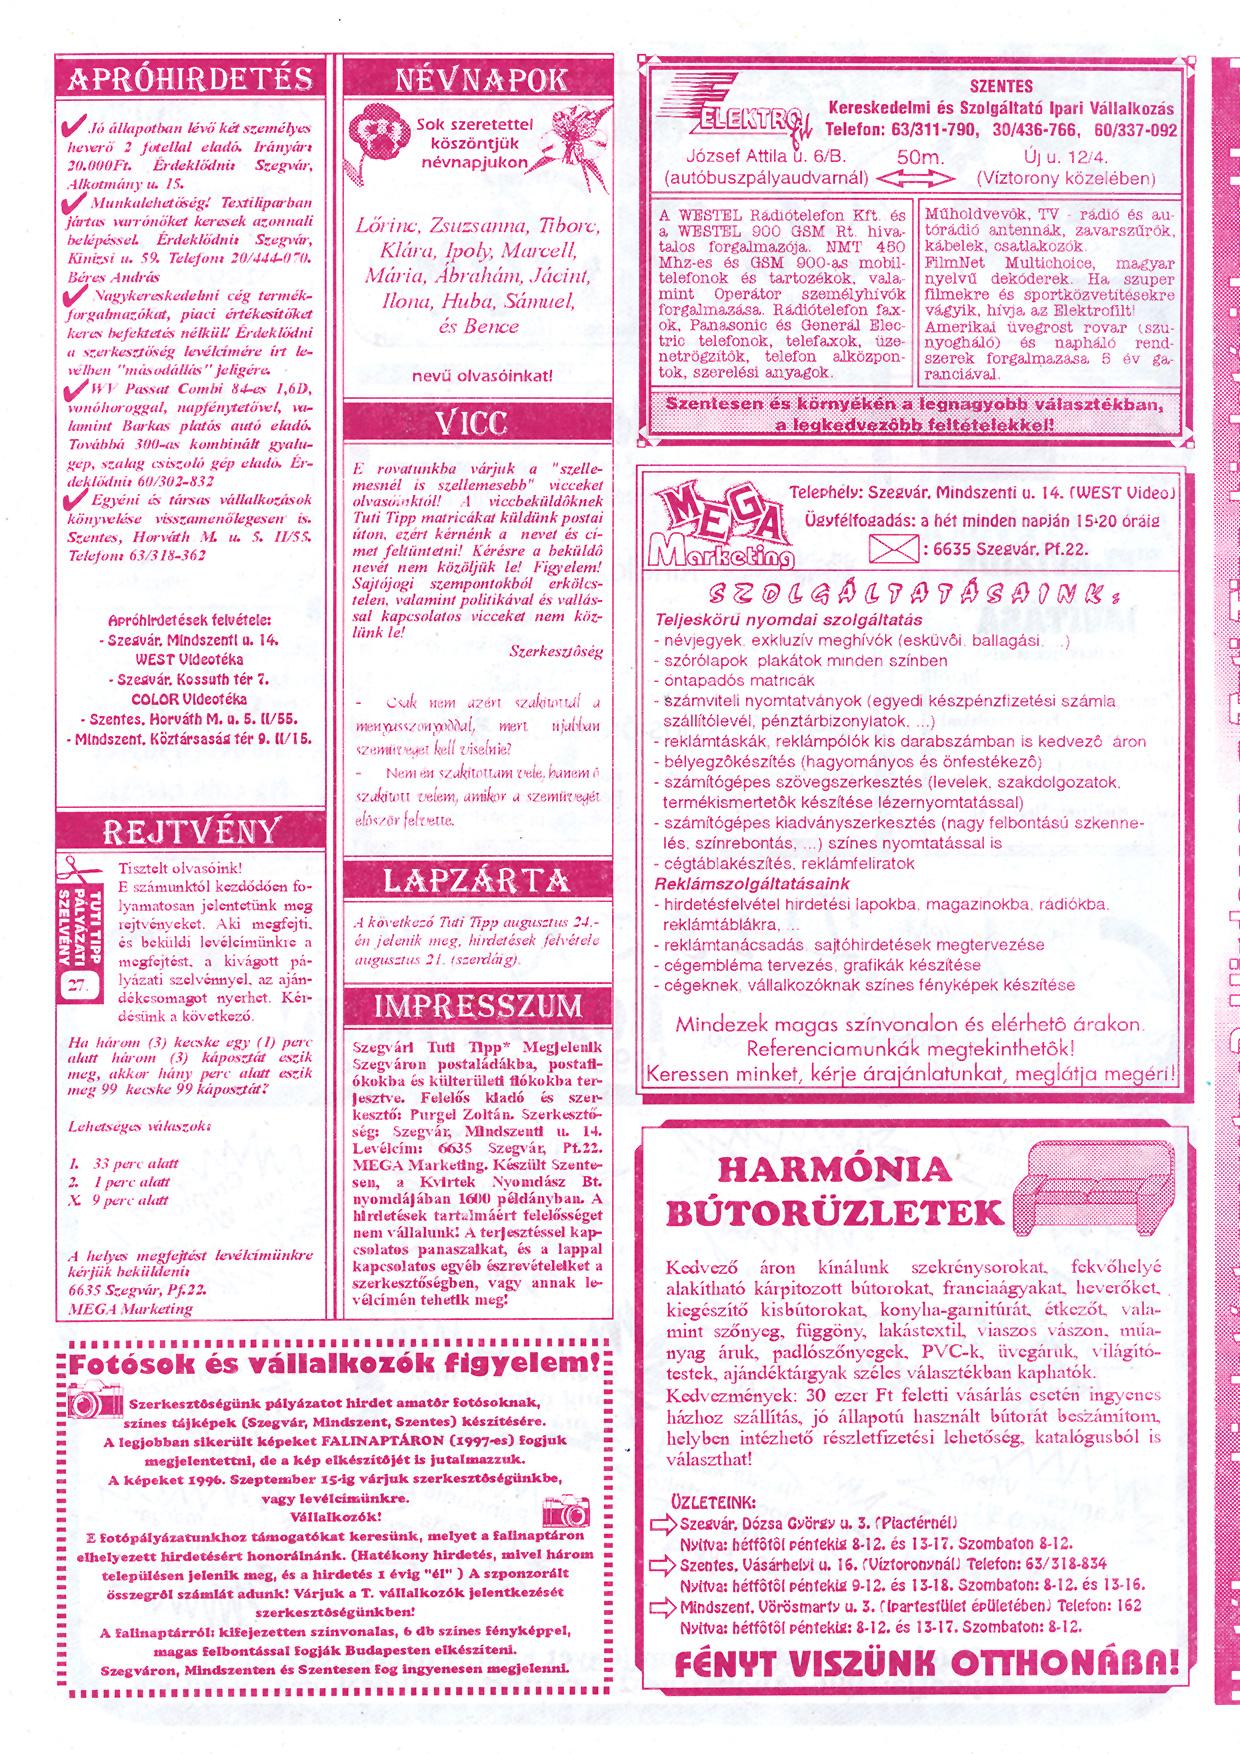 038 Szegvári Tuti Tipp reklámújság - 19960810-027. lapszám - 2.oldal - II. évfolyam.jpg